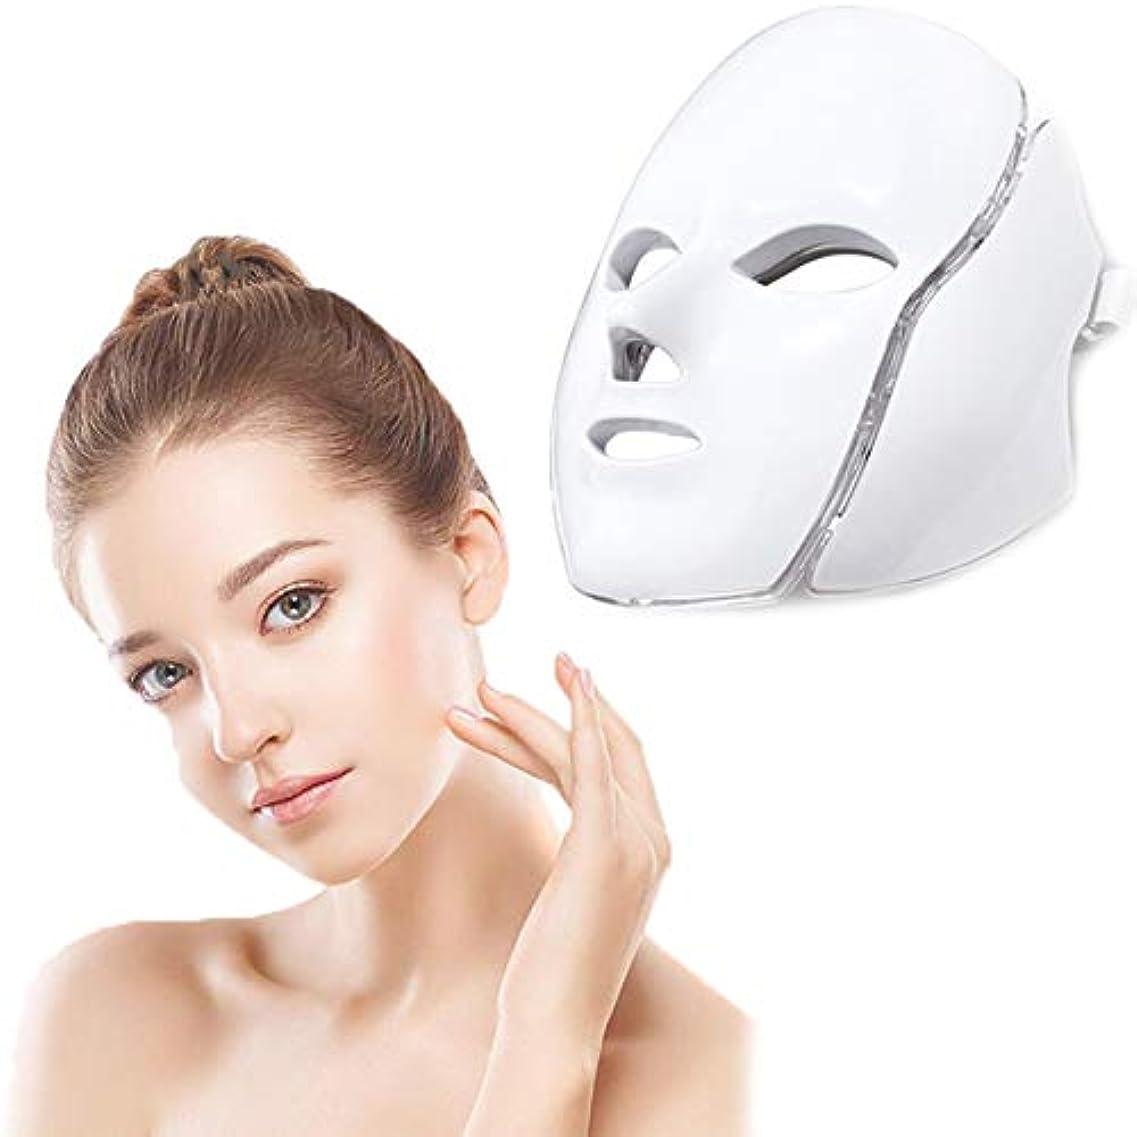 天国ハーネスファイル7色LEDフェイスマスクフェイシャルマスクPDTフォトンフェイシャルマスク美容機美容器具ネックマスクセット付き